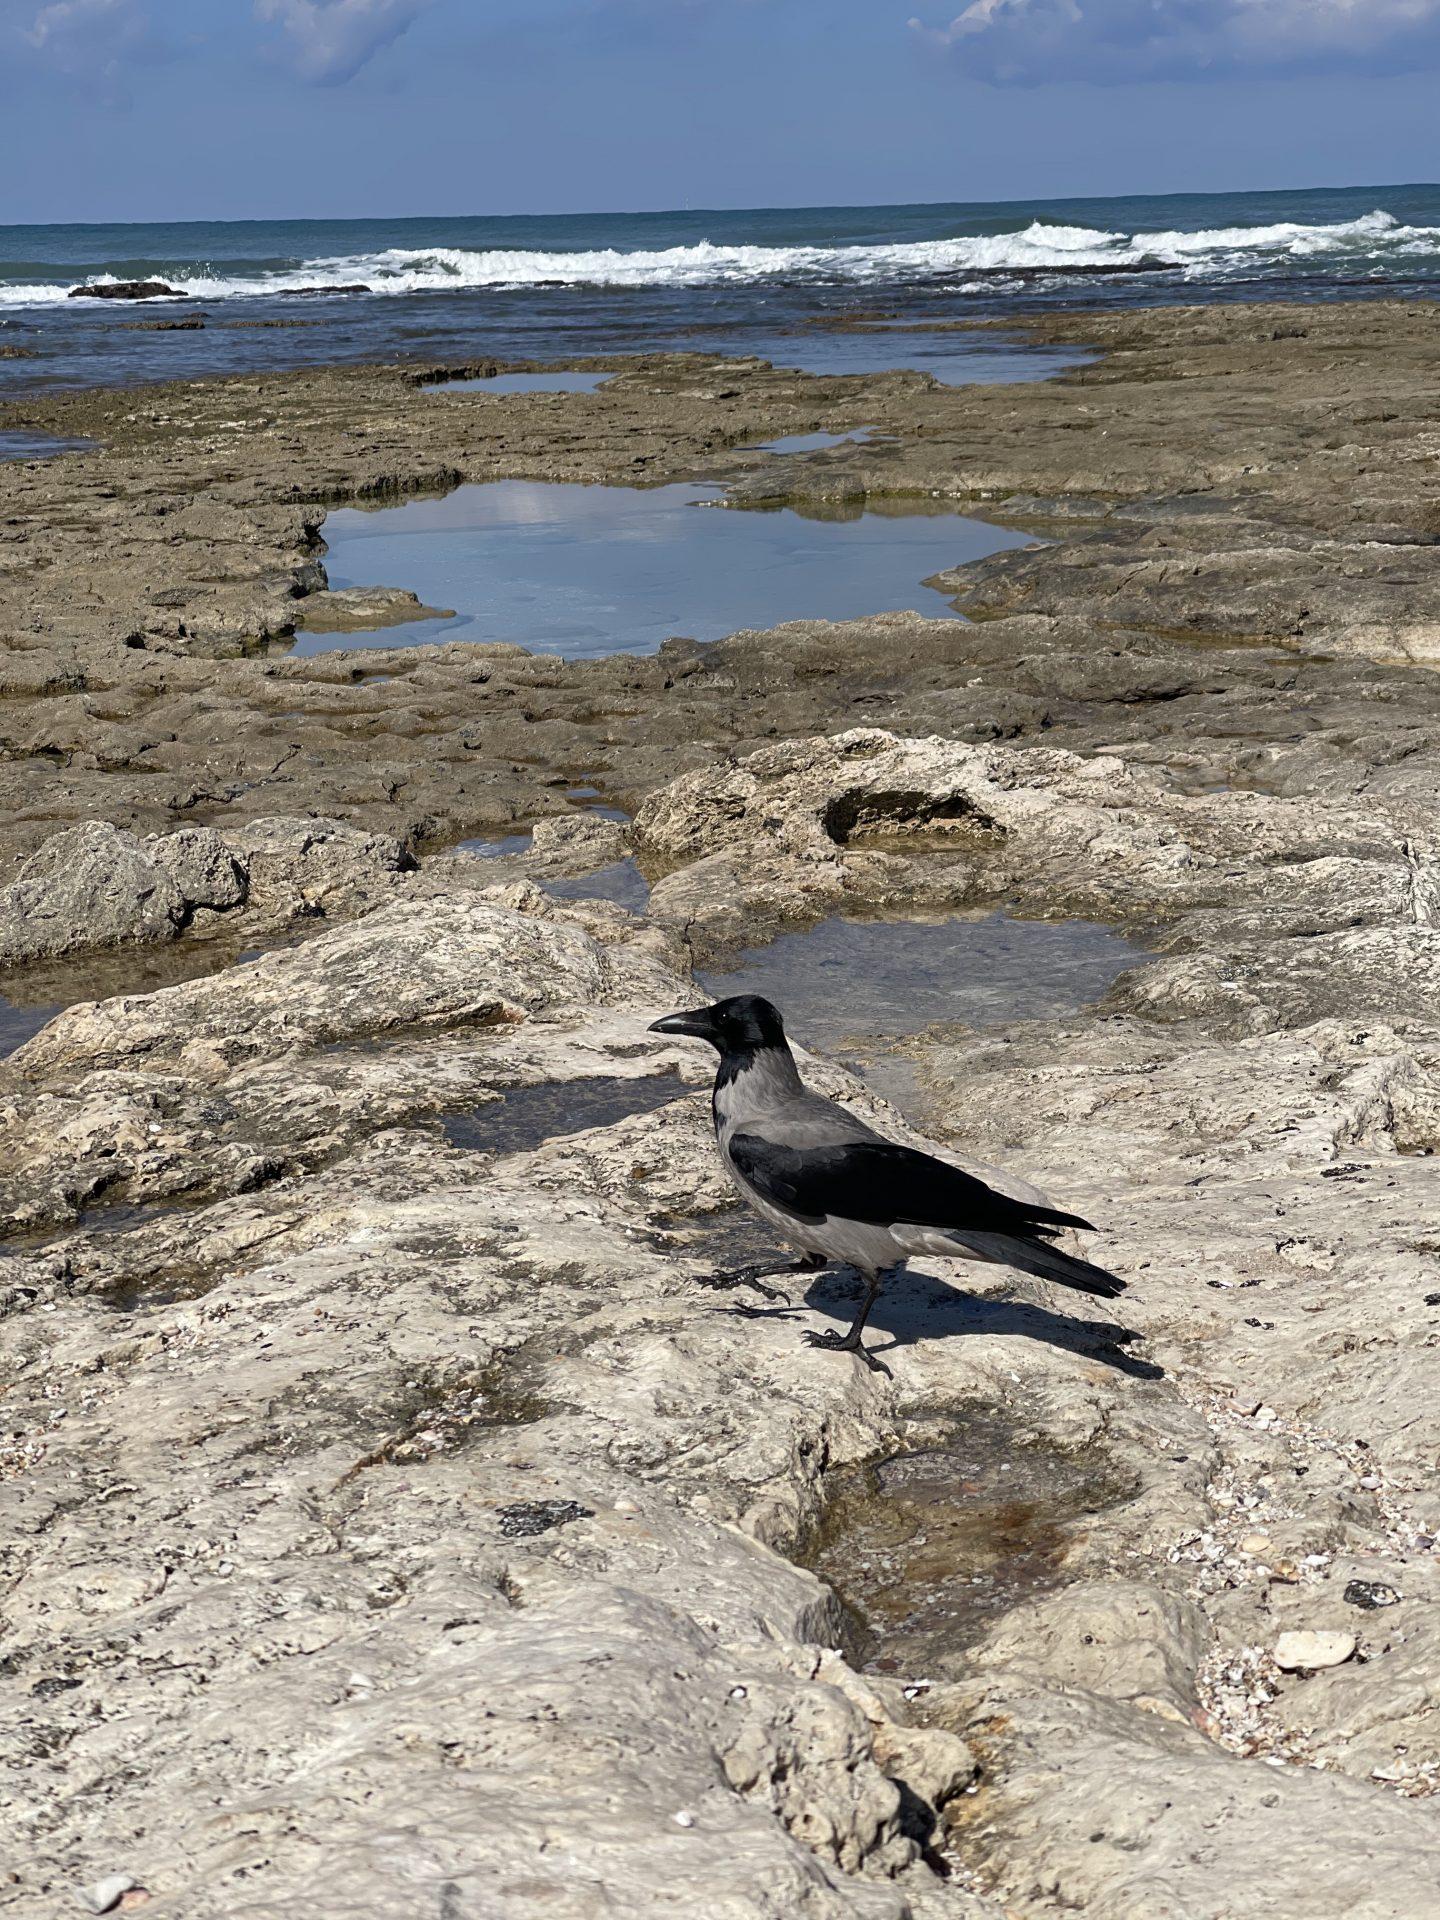 בעלי חיים וטבע קרוב לבית בחוף תל שקמונה בחיפה